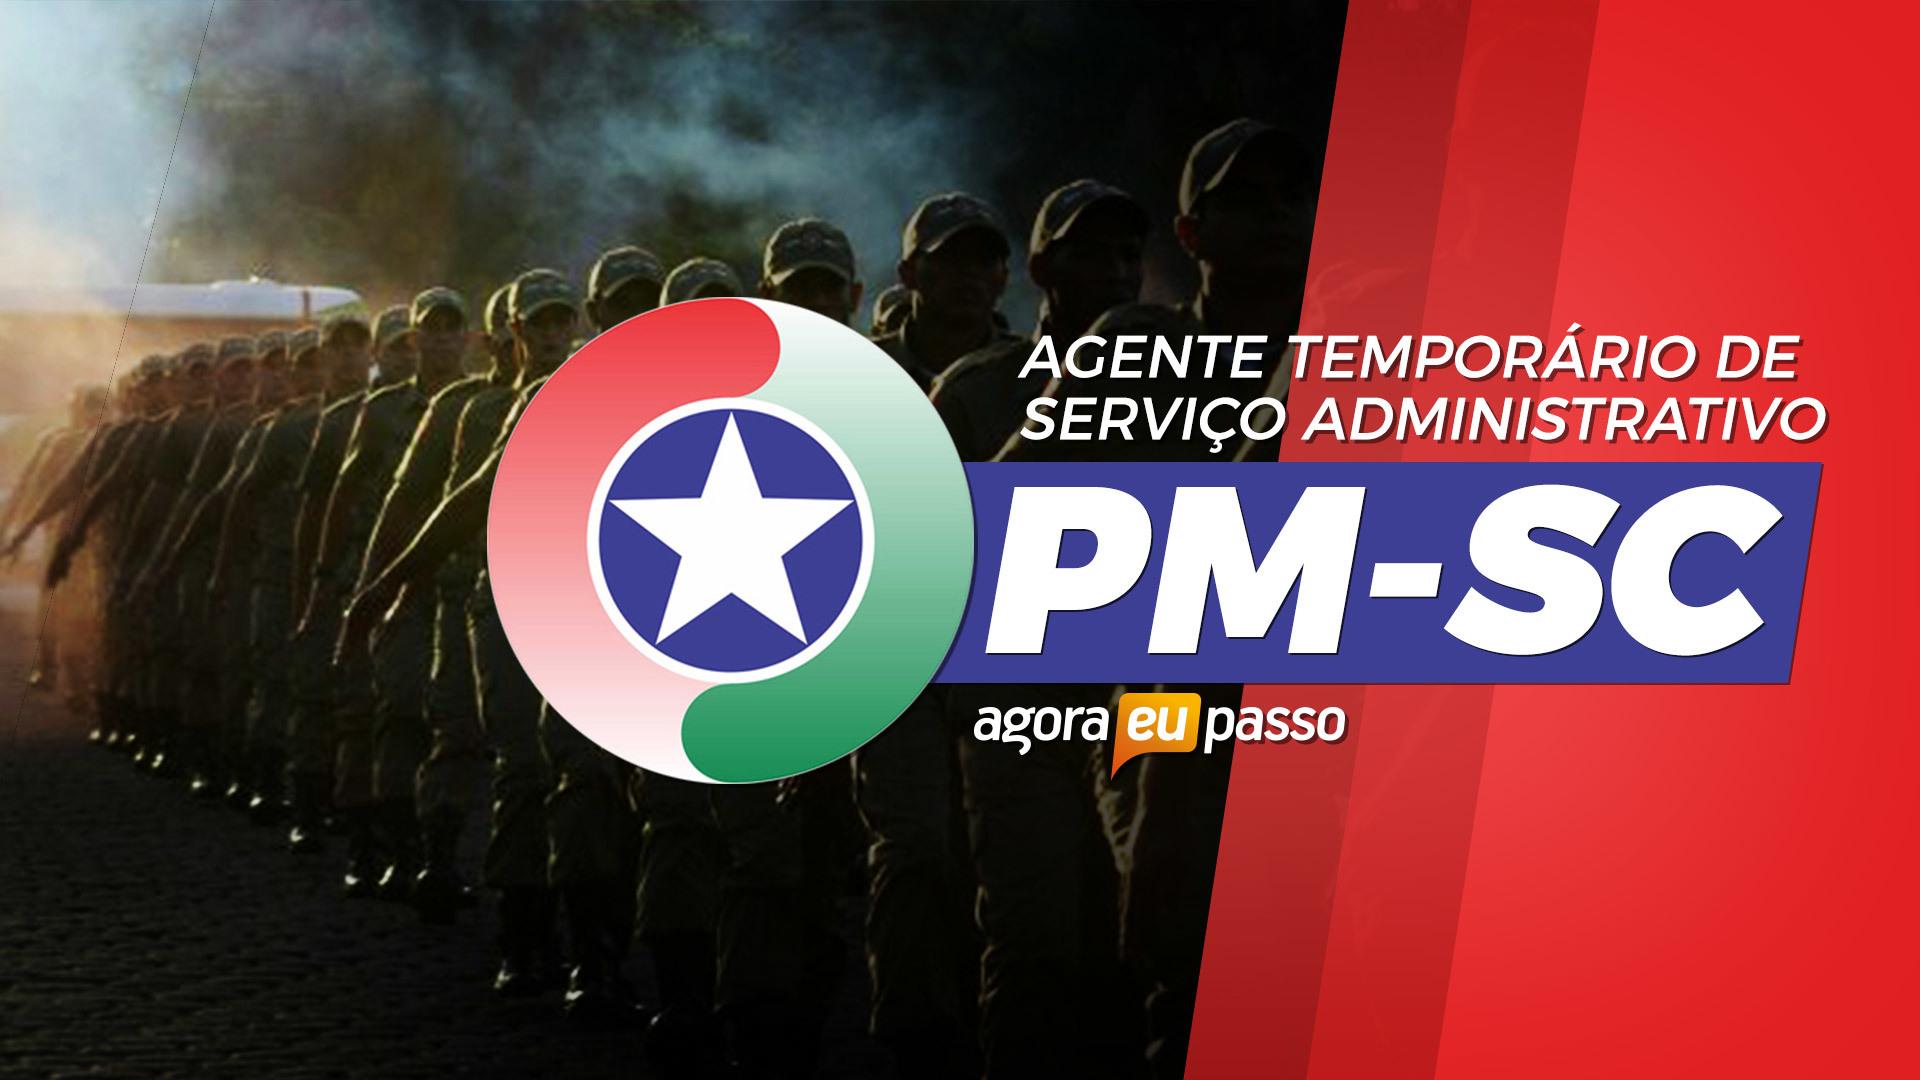 Agente Temporário de Serviço Administrativo -  PM SC